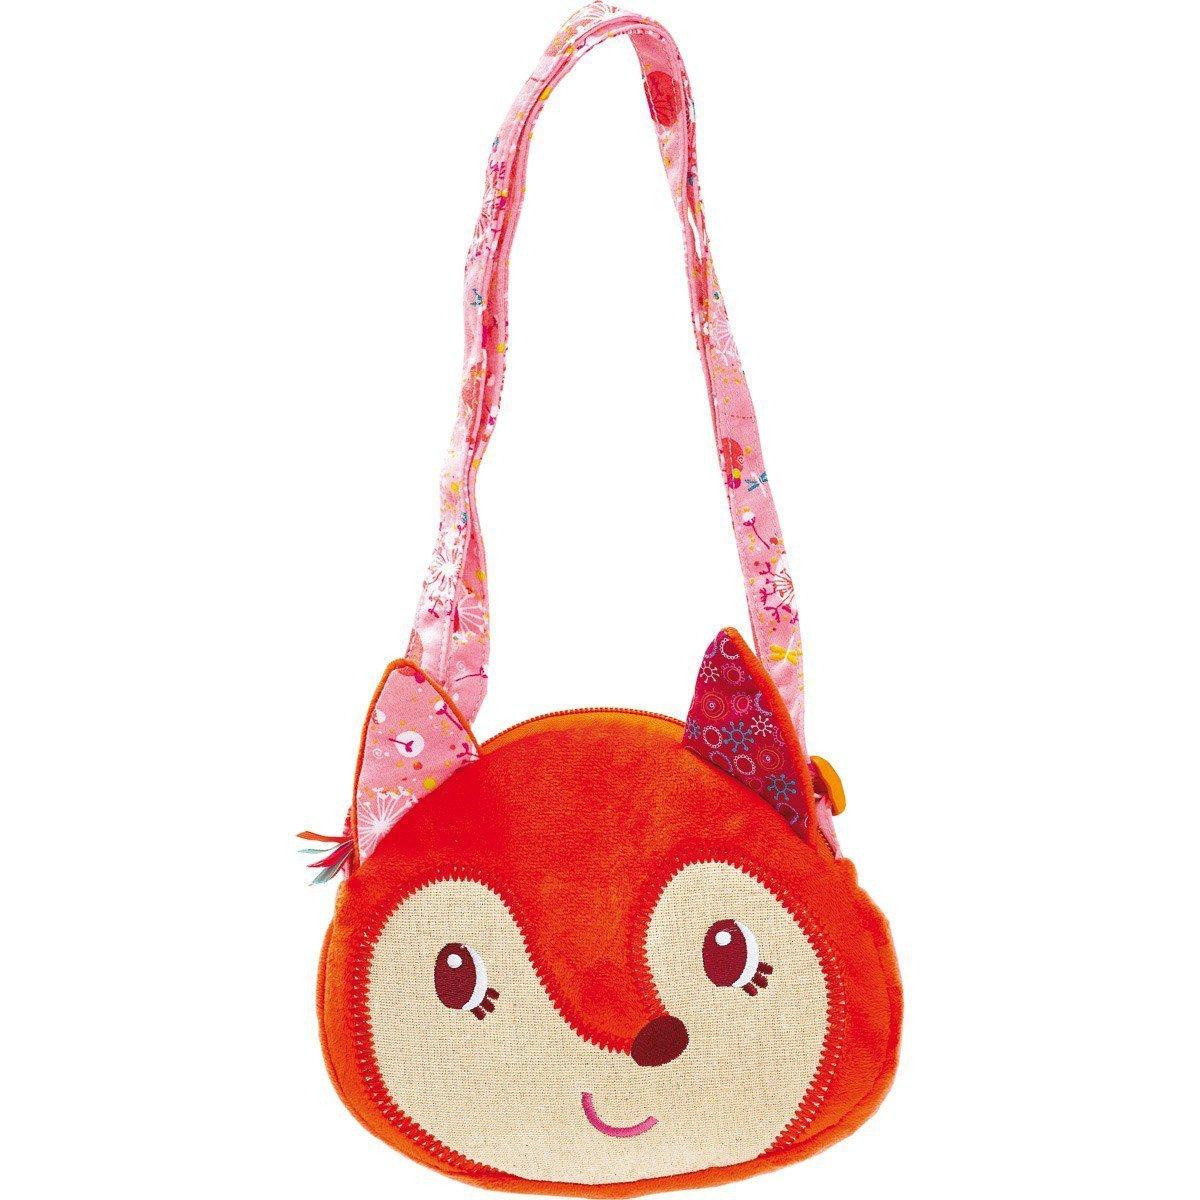 Alice handbag - Lilliputiens 107058